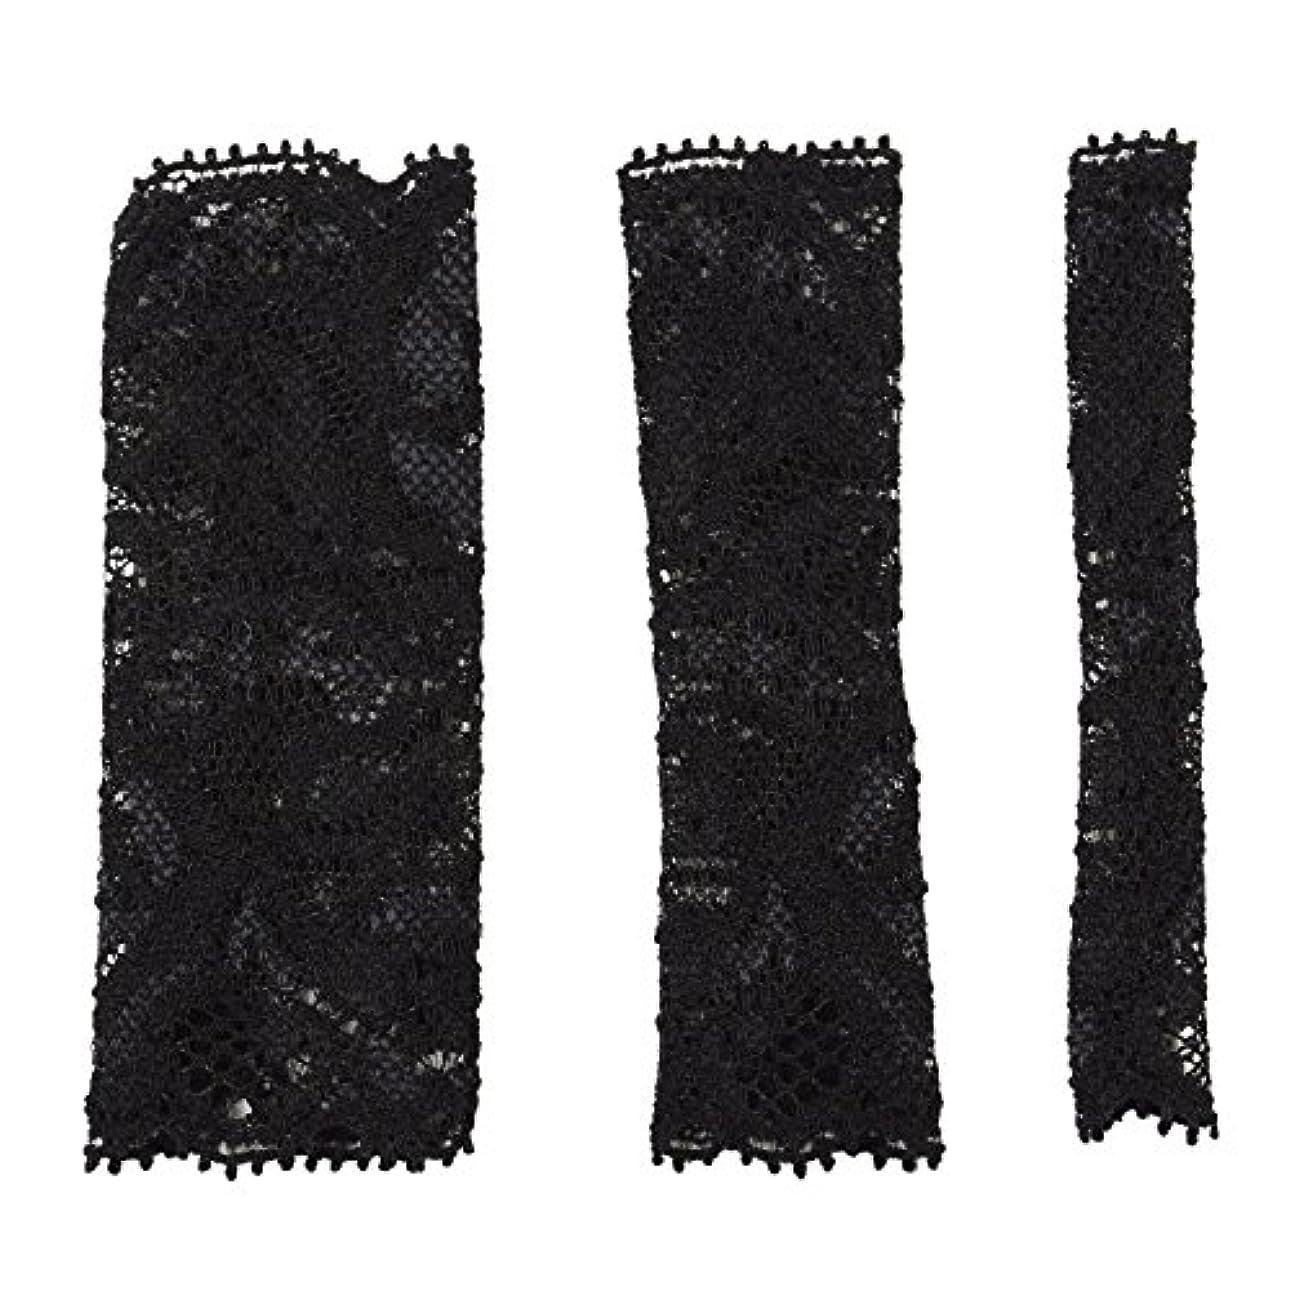 情報予報必要BCL500BK 六角館さくら堂 ブラッシュキャップ3枚セット ブラック パウダーブラシ チークブラシ アイシャドーブラシ各1枚 ほこりや汚れからブラシから守る 化粧筆カバー ブラシキャップ ブラシカバー レース 特許申請済レース